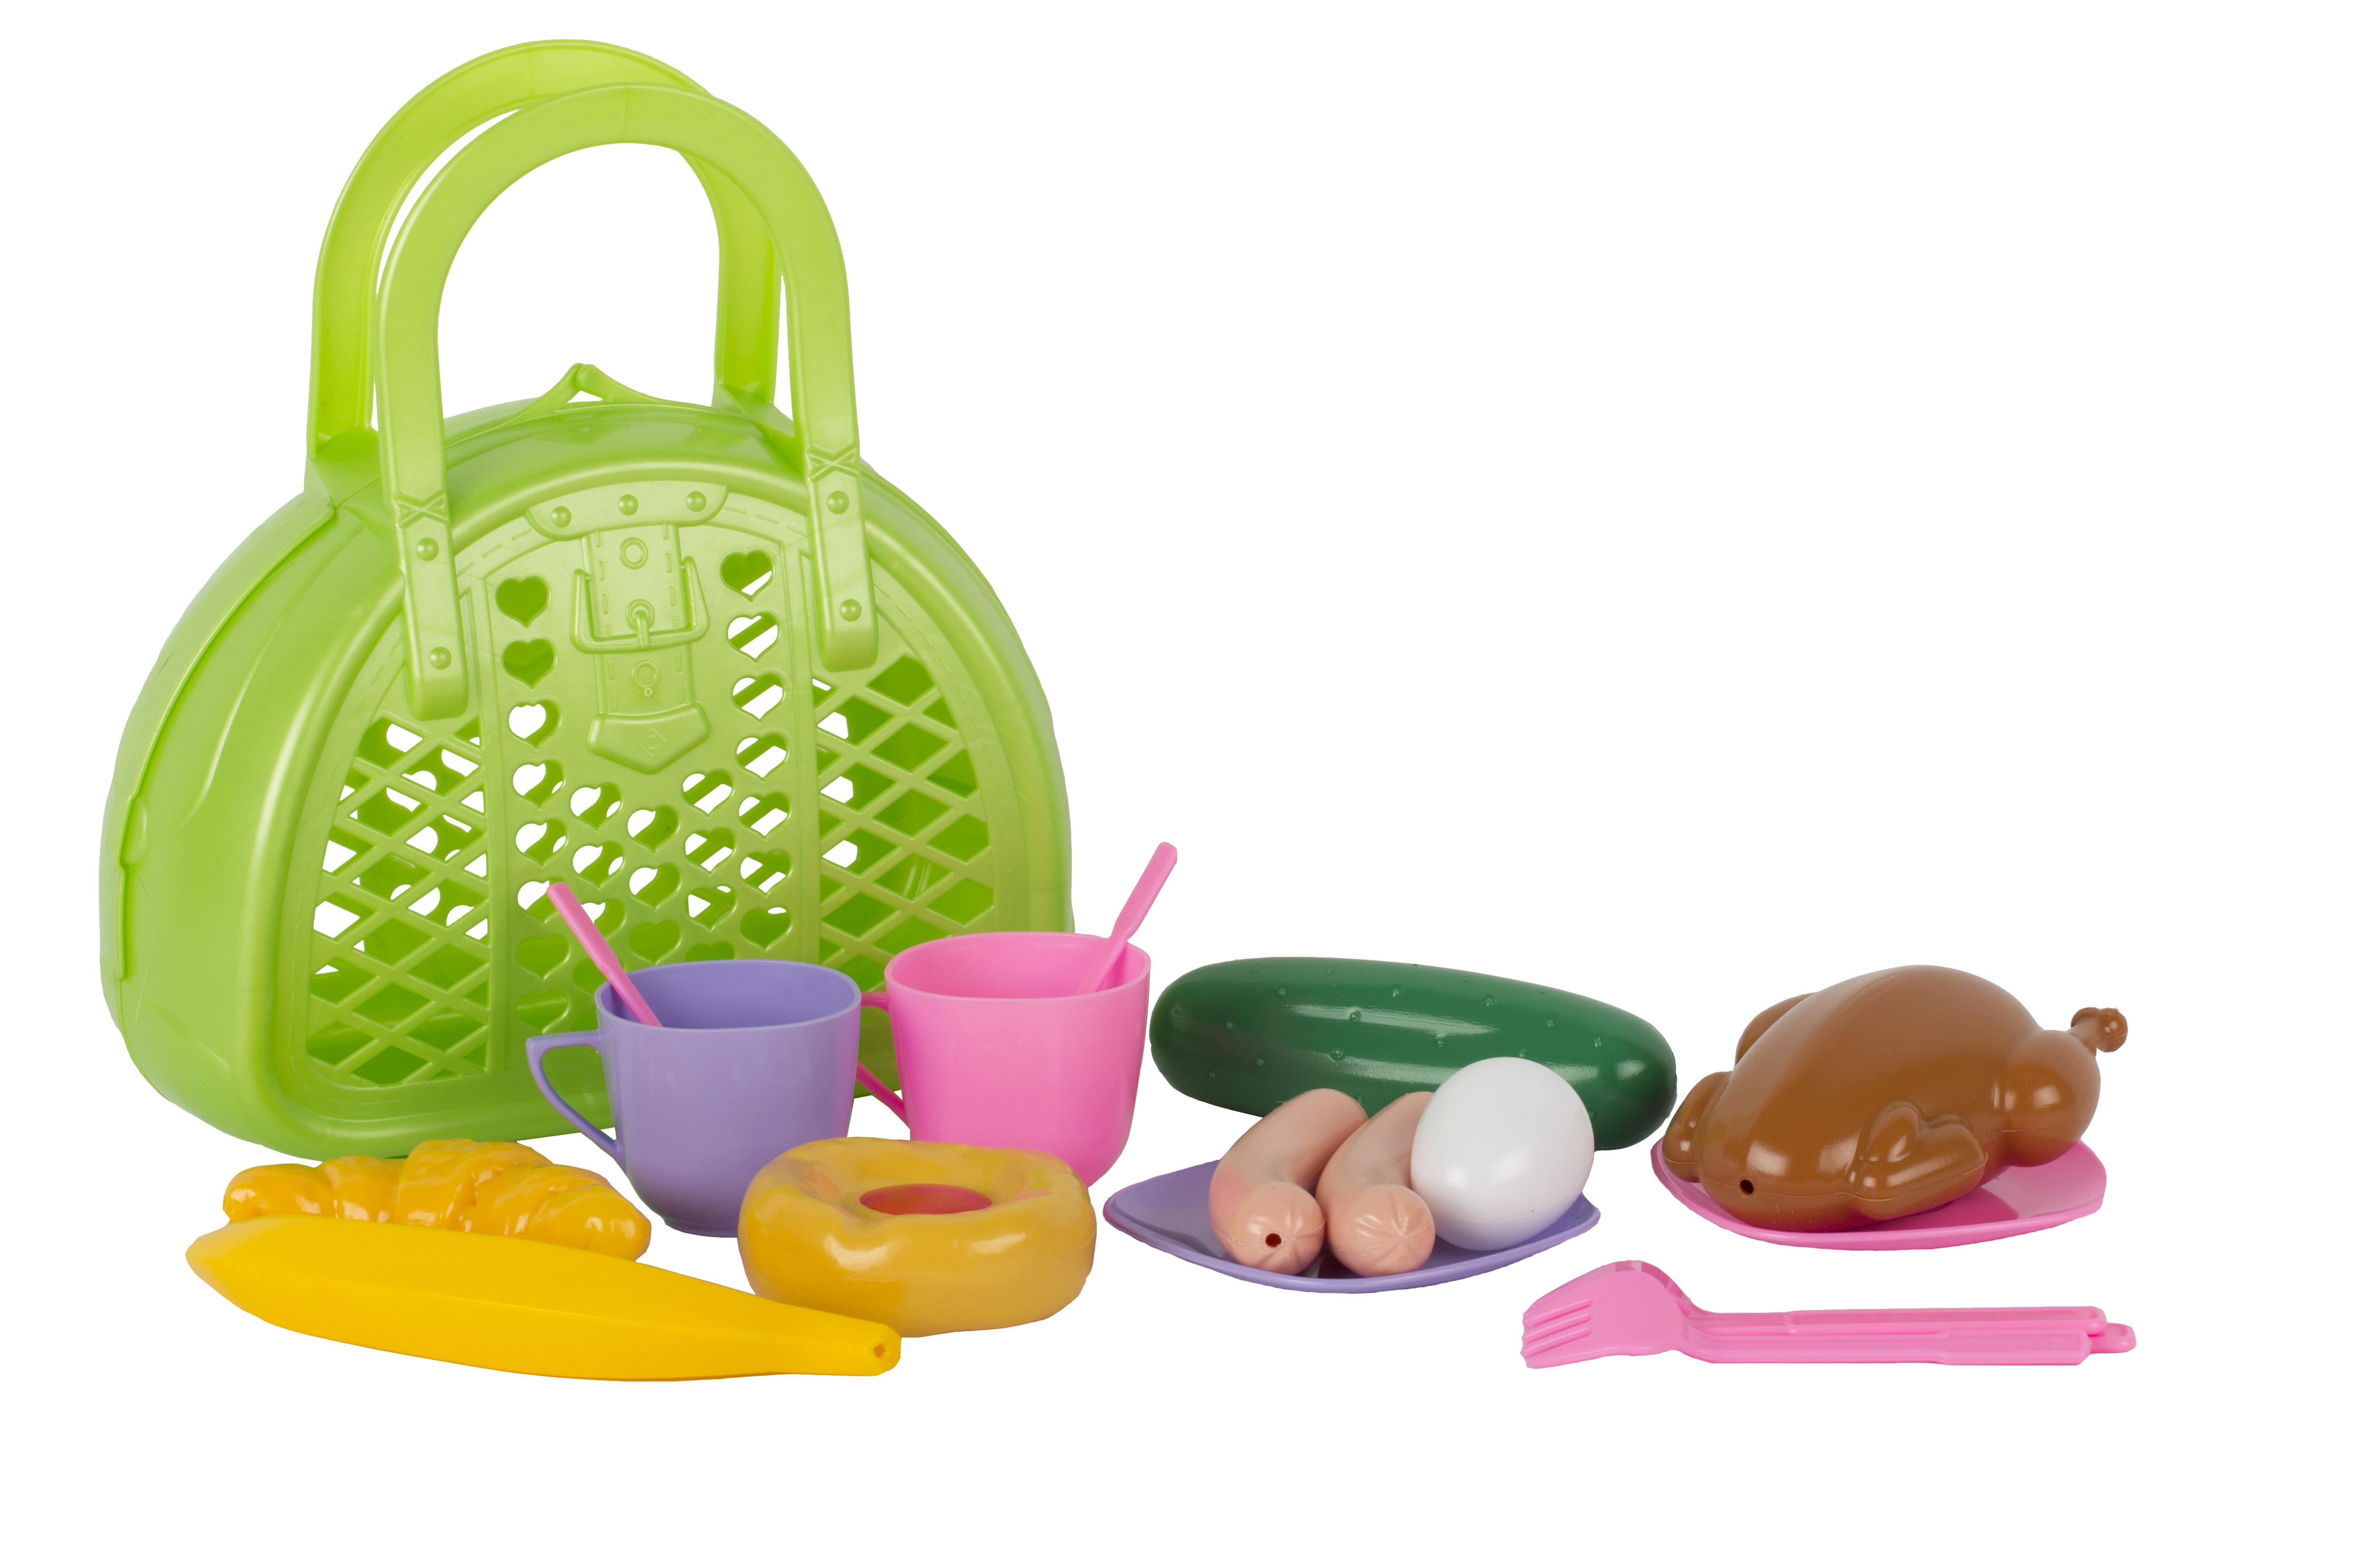 Посуда и наборы продуктов Спектр Игровой набор Спектр «Завтрак путешественника в сумочке» набор маникюрный в сумочке gezatone 136d